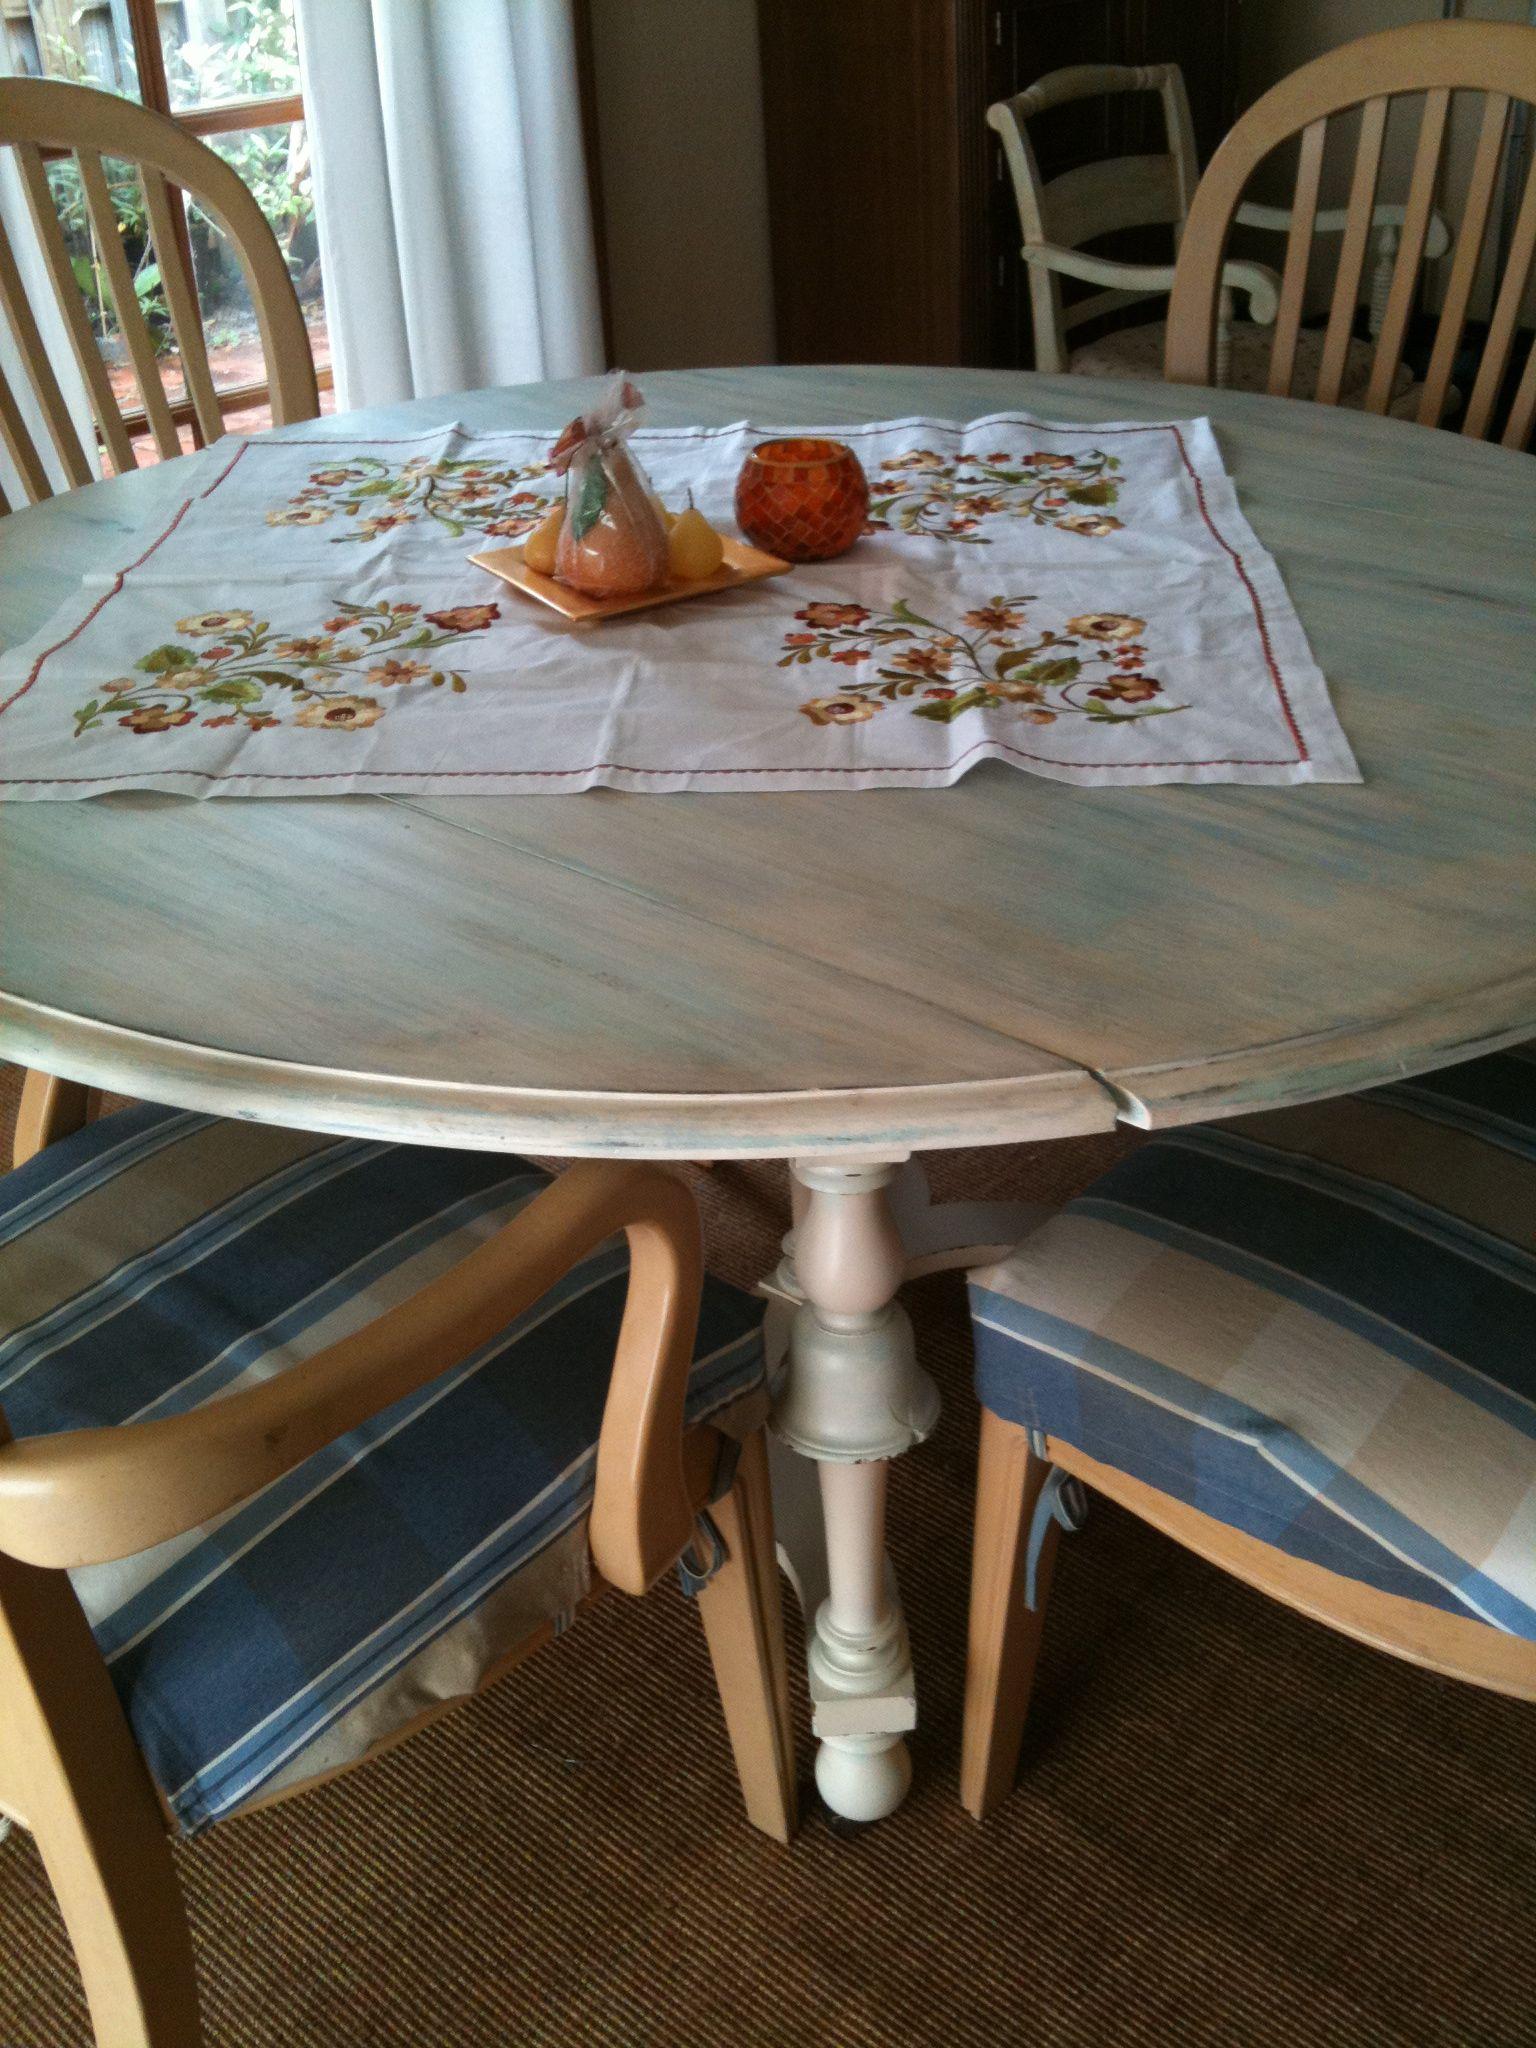 Originally An Old Dark Wood Drop Leaf Table, Painted To Look Beach Worn